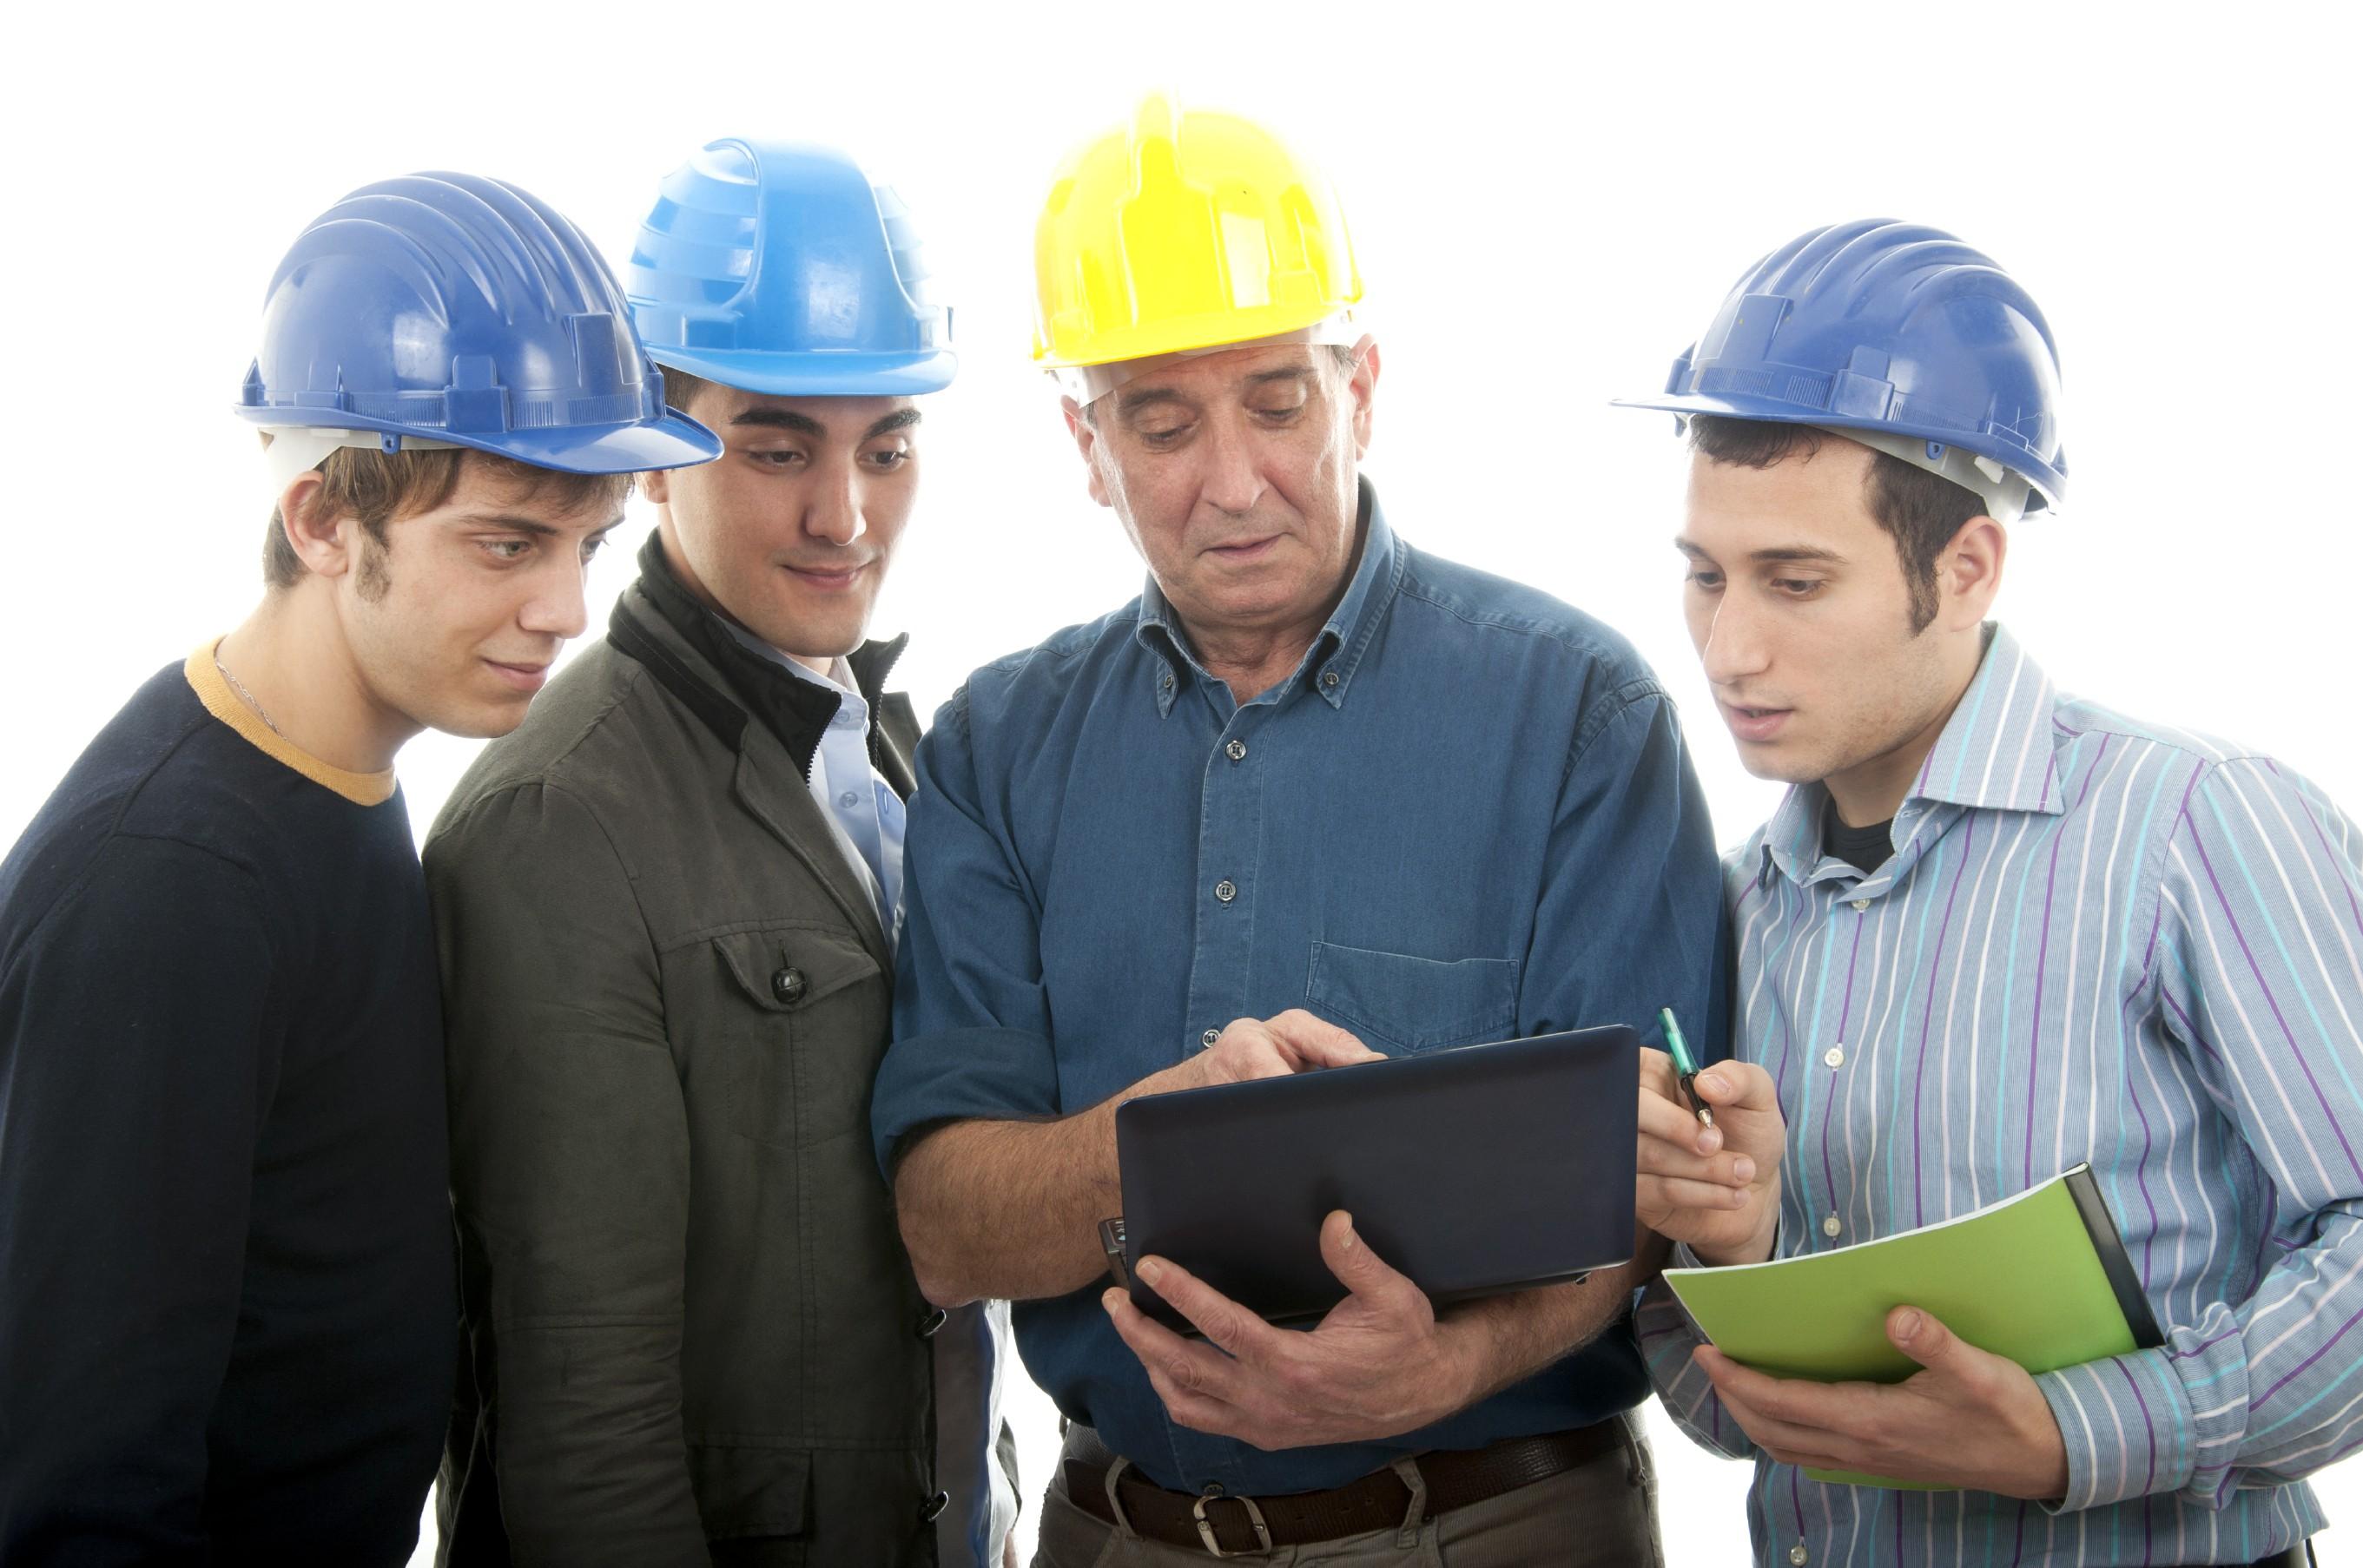 140326100342-4-Engineer_group.jpg